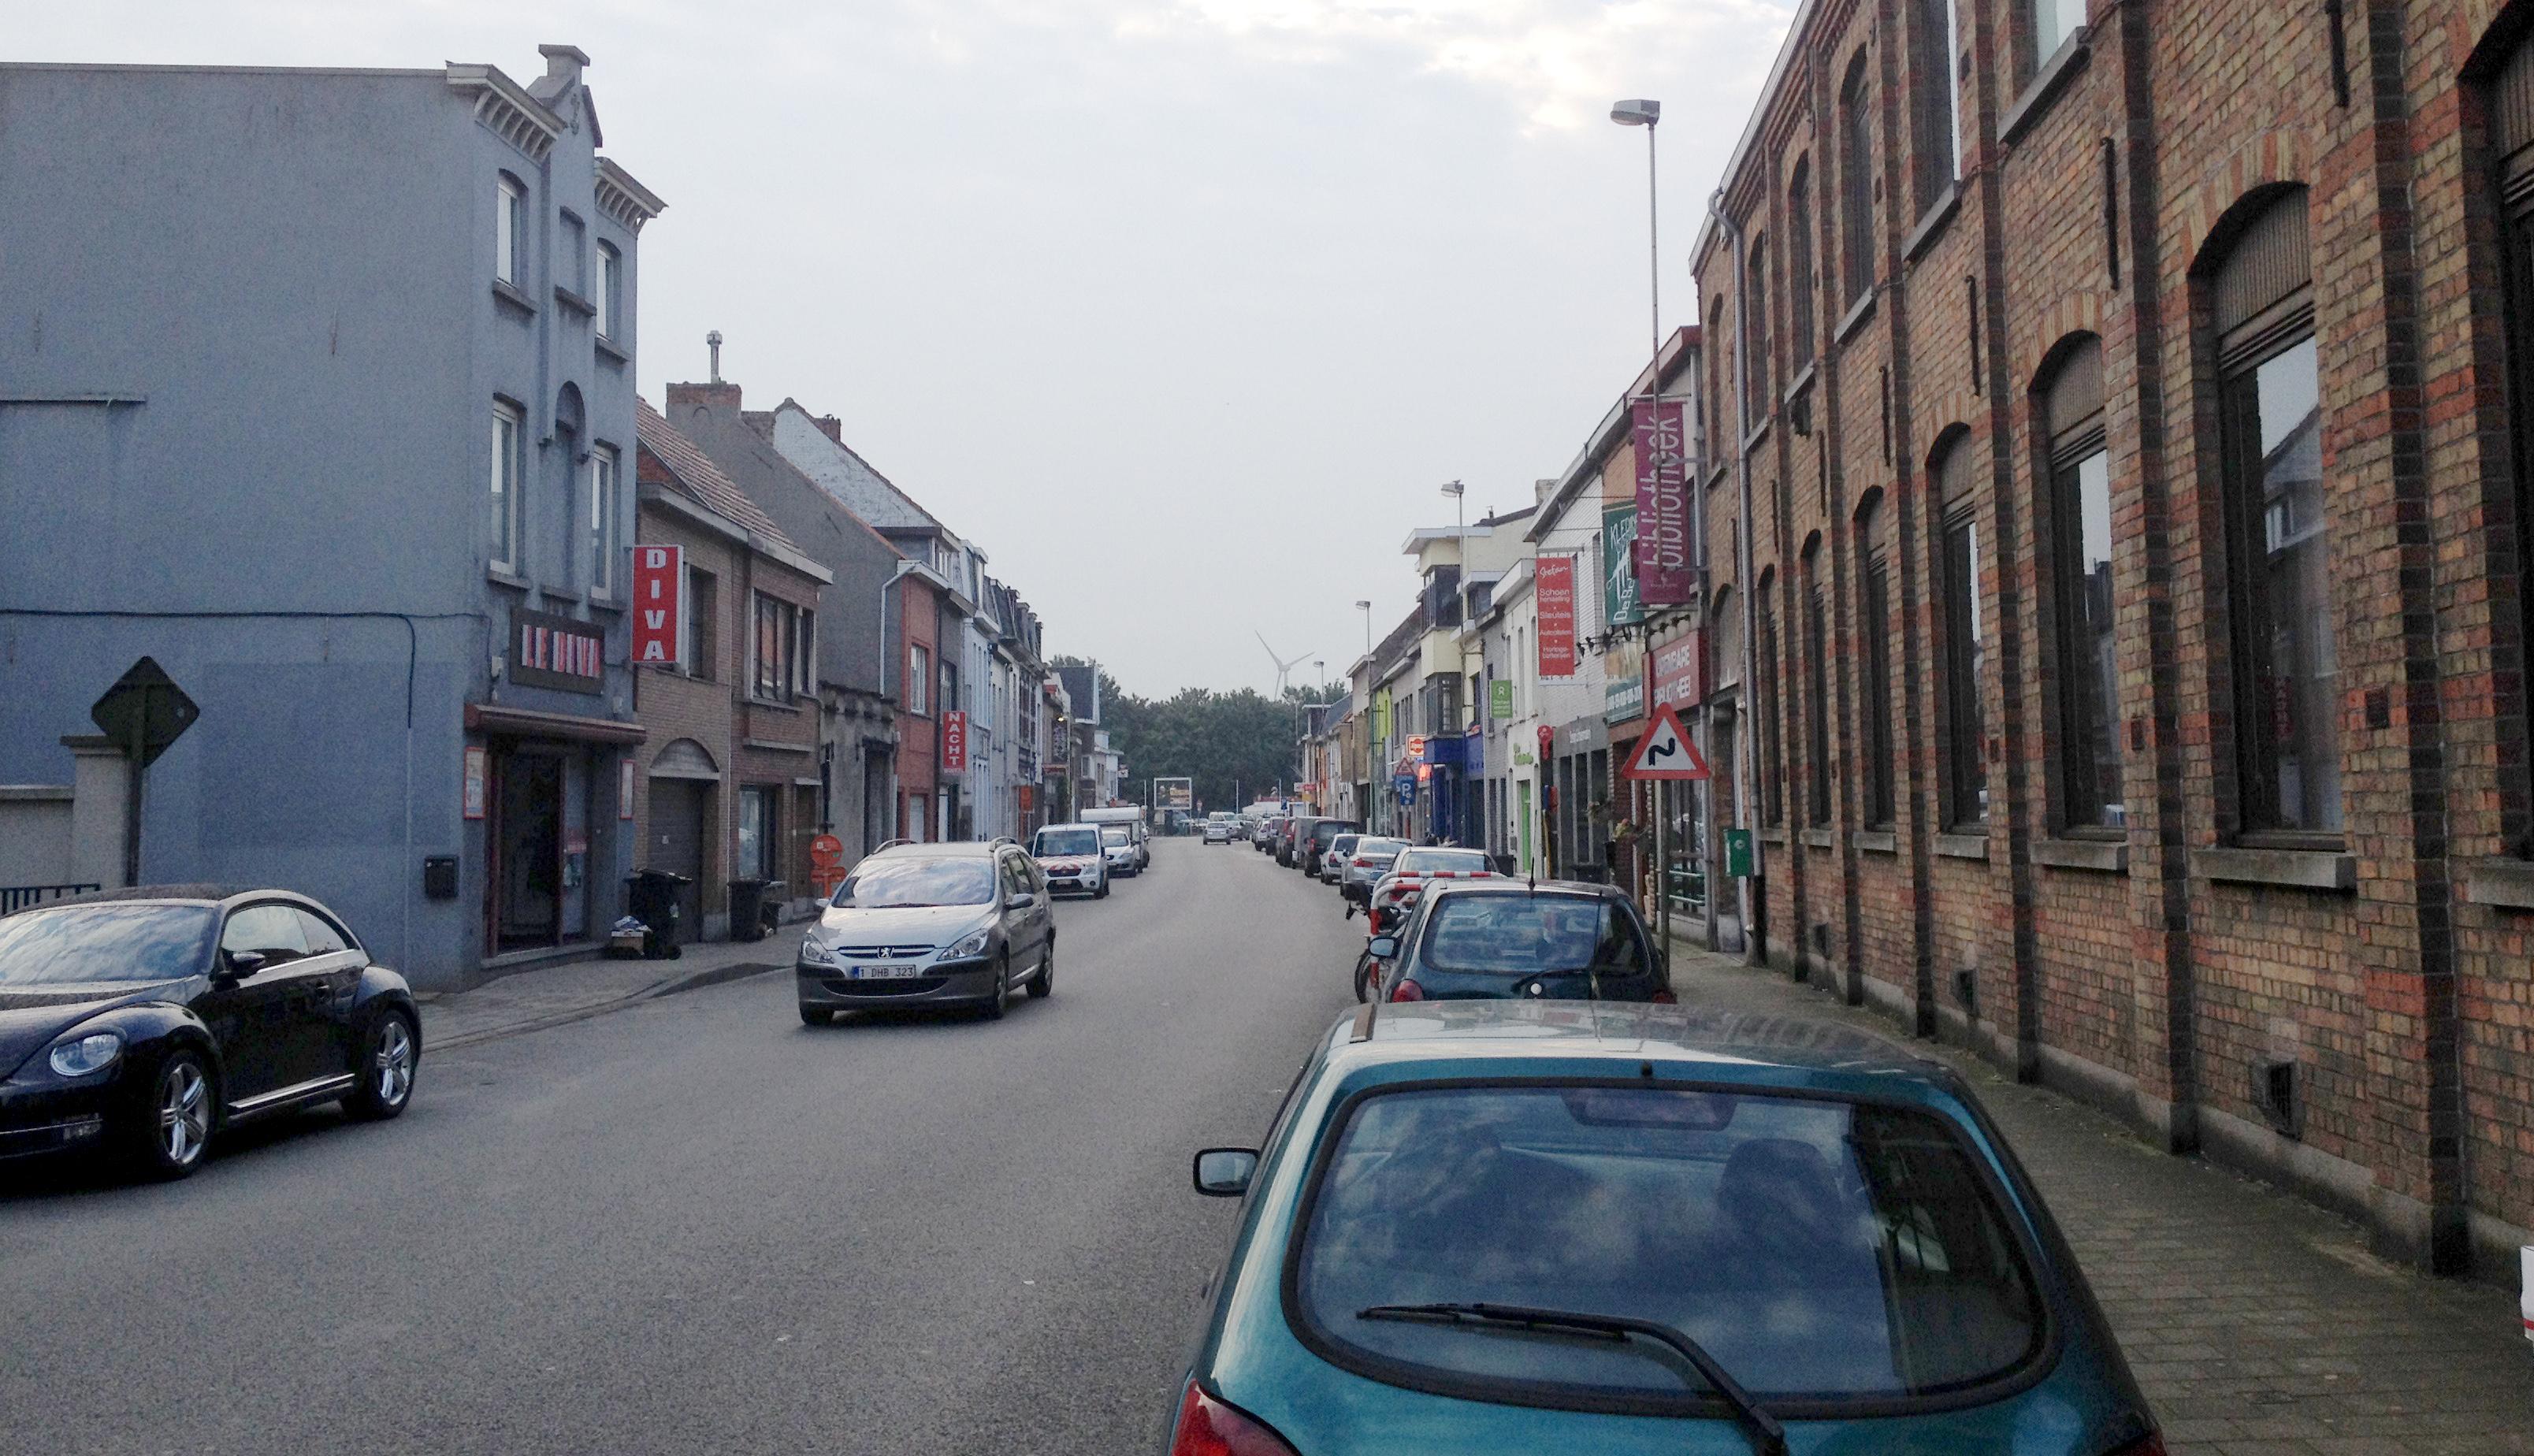 Vierweegsestraat